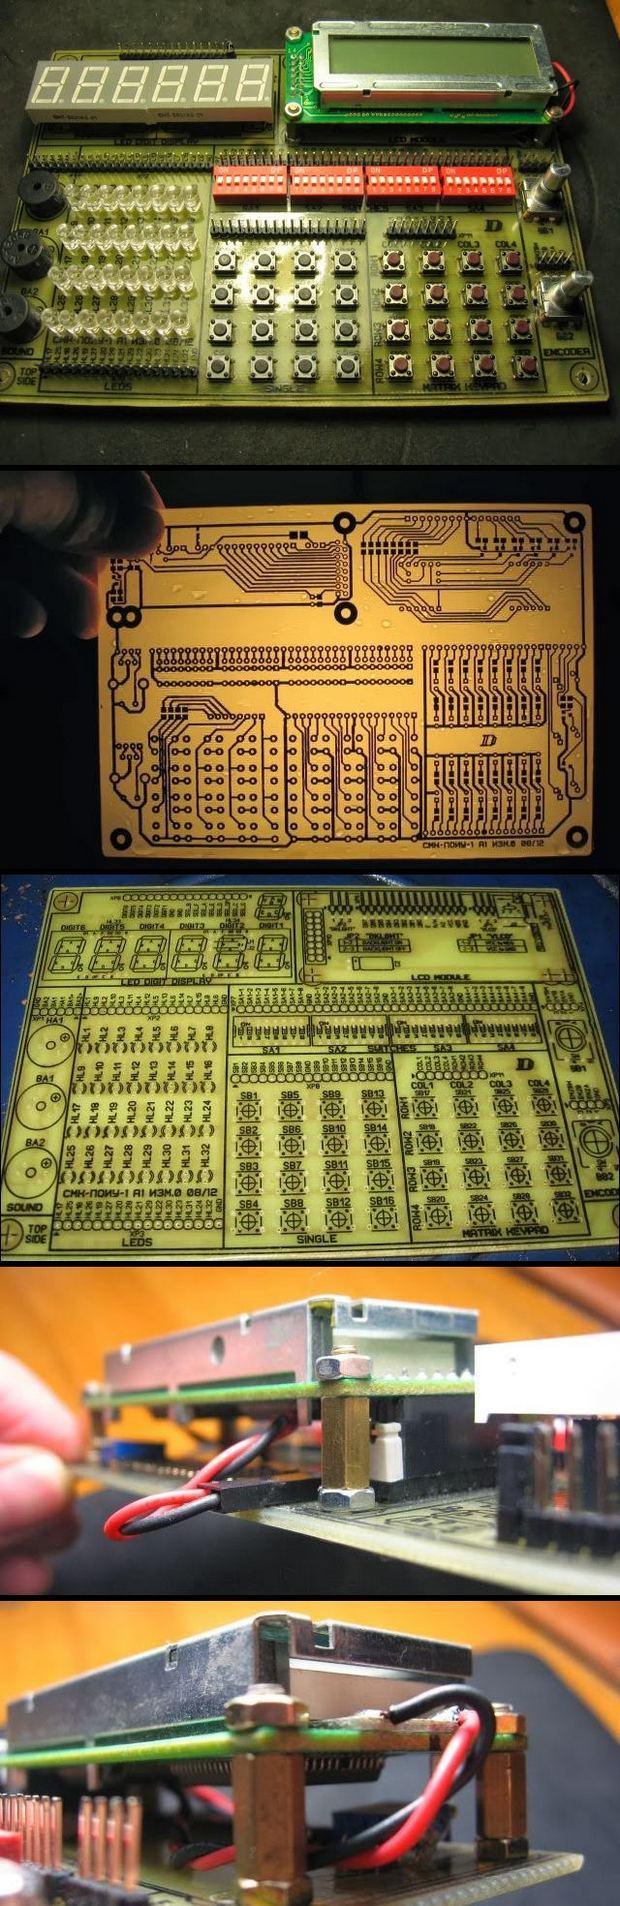 ek-kart-lcd-kart-led-kart-deney-modulu